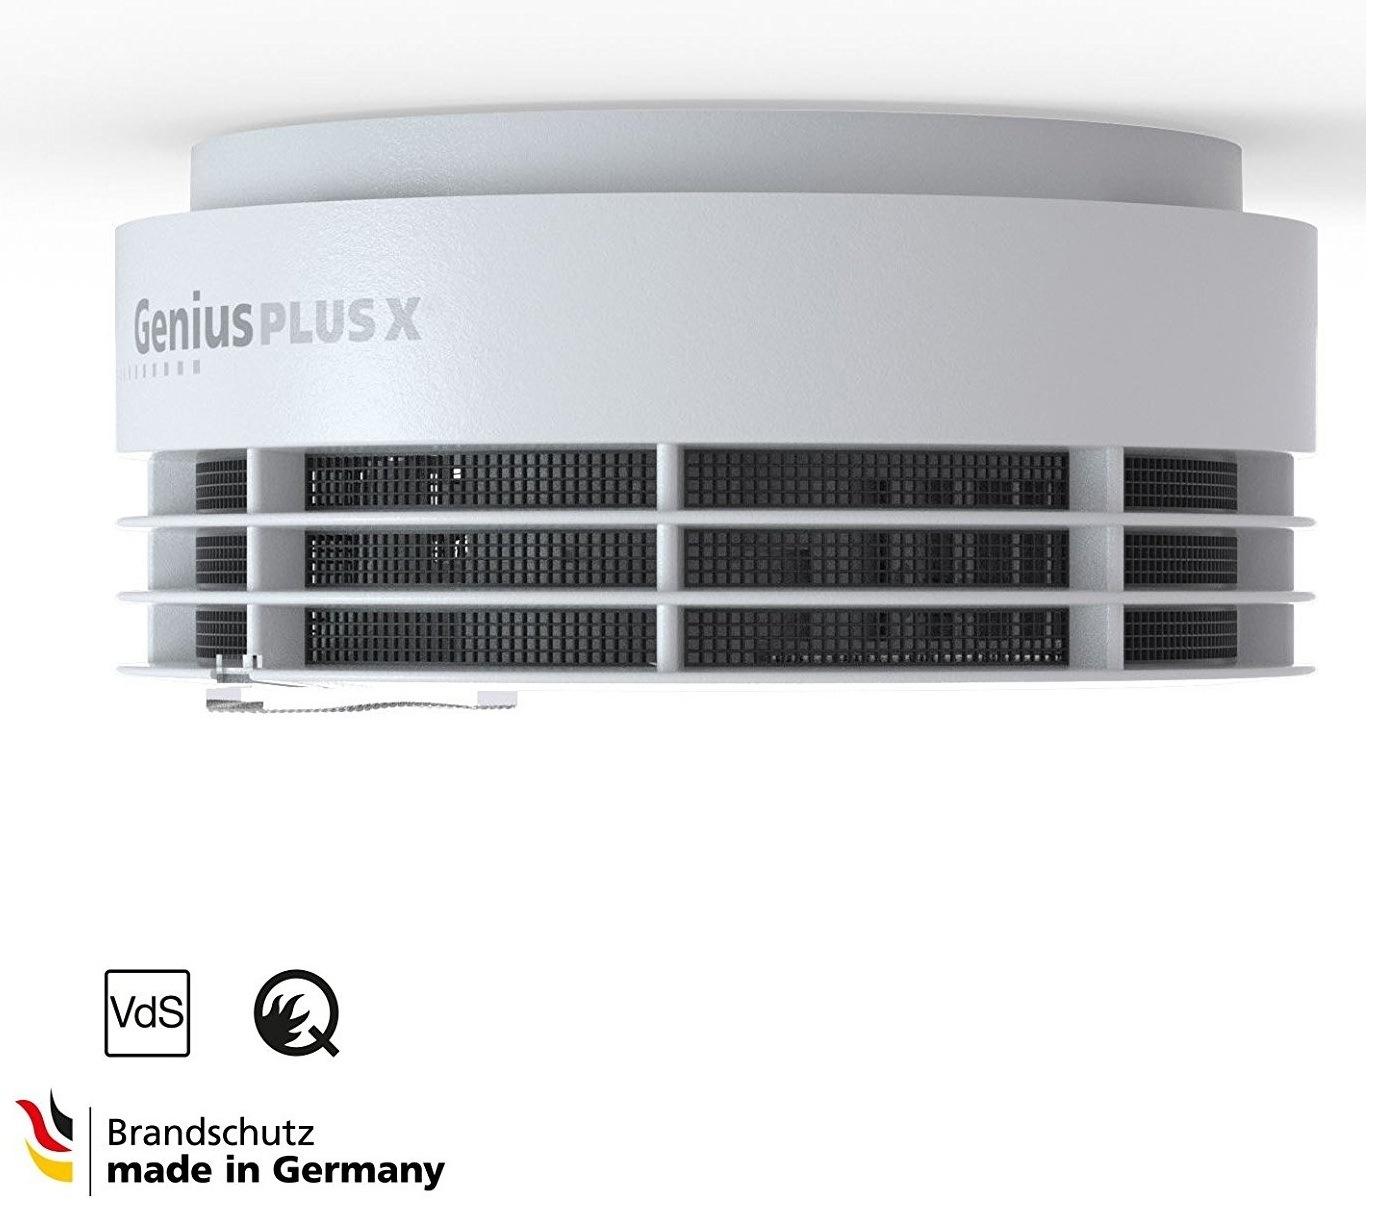 Rauchmelder Genius Plus X1 von Hekatron in weiß